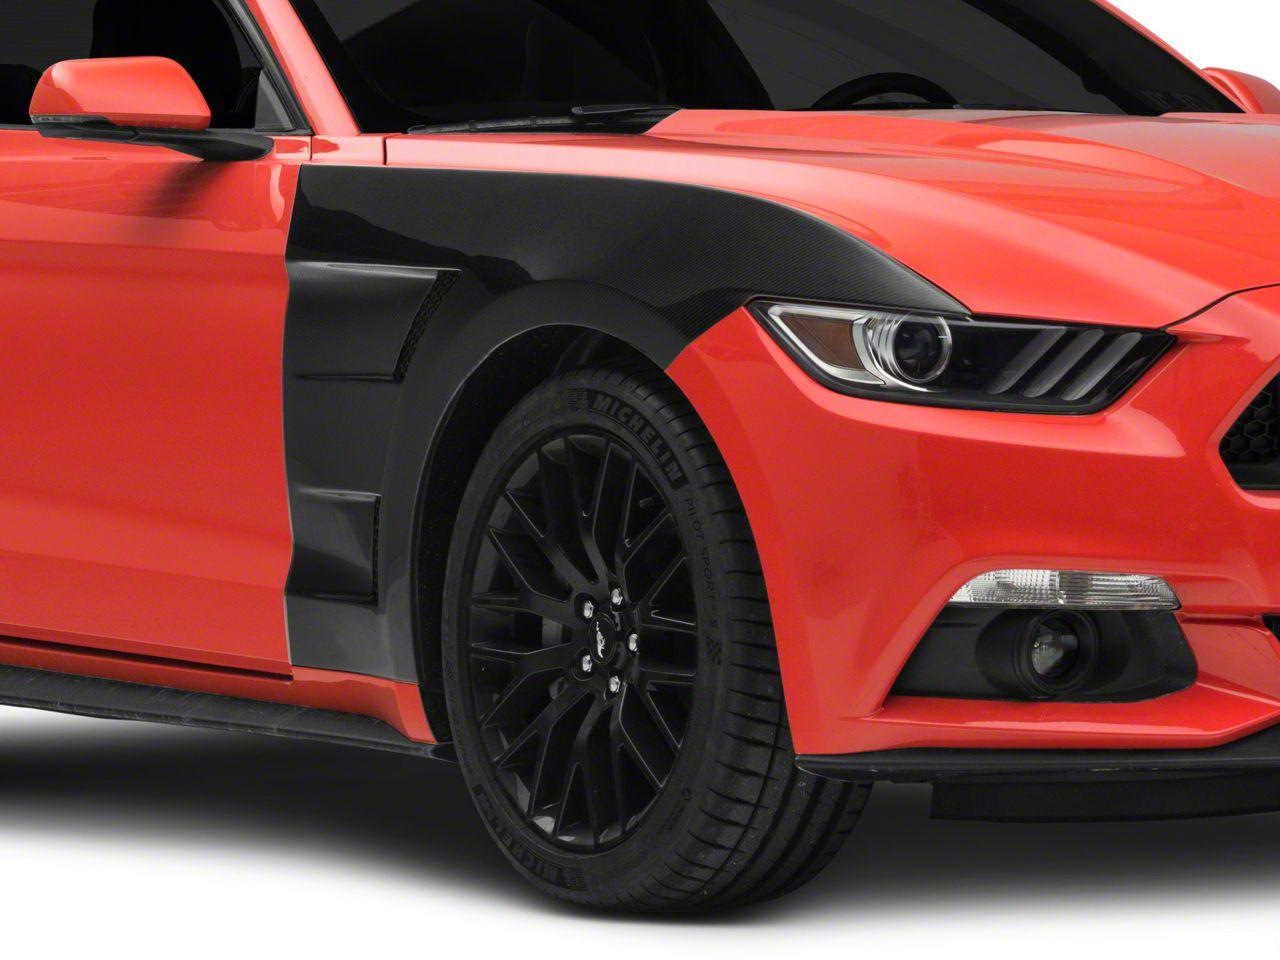 Anderson Composites Type-AT Front Fenders - Carbon Fiber (15-17 GT, EcoBoost, V6)